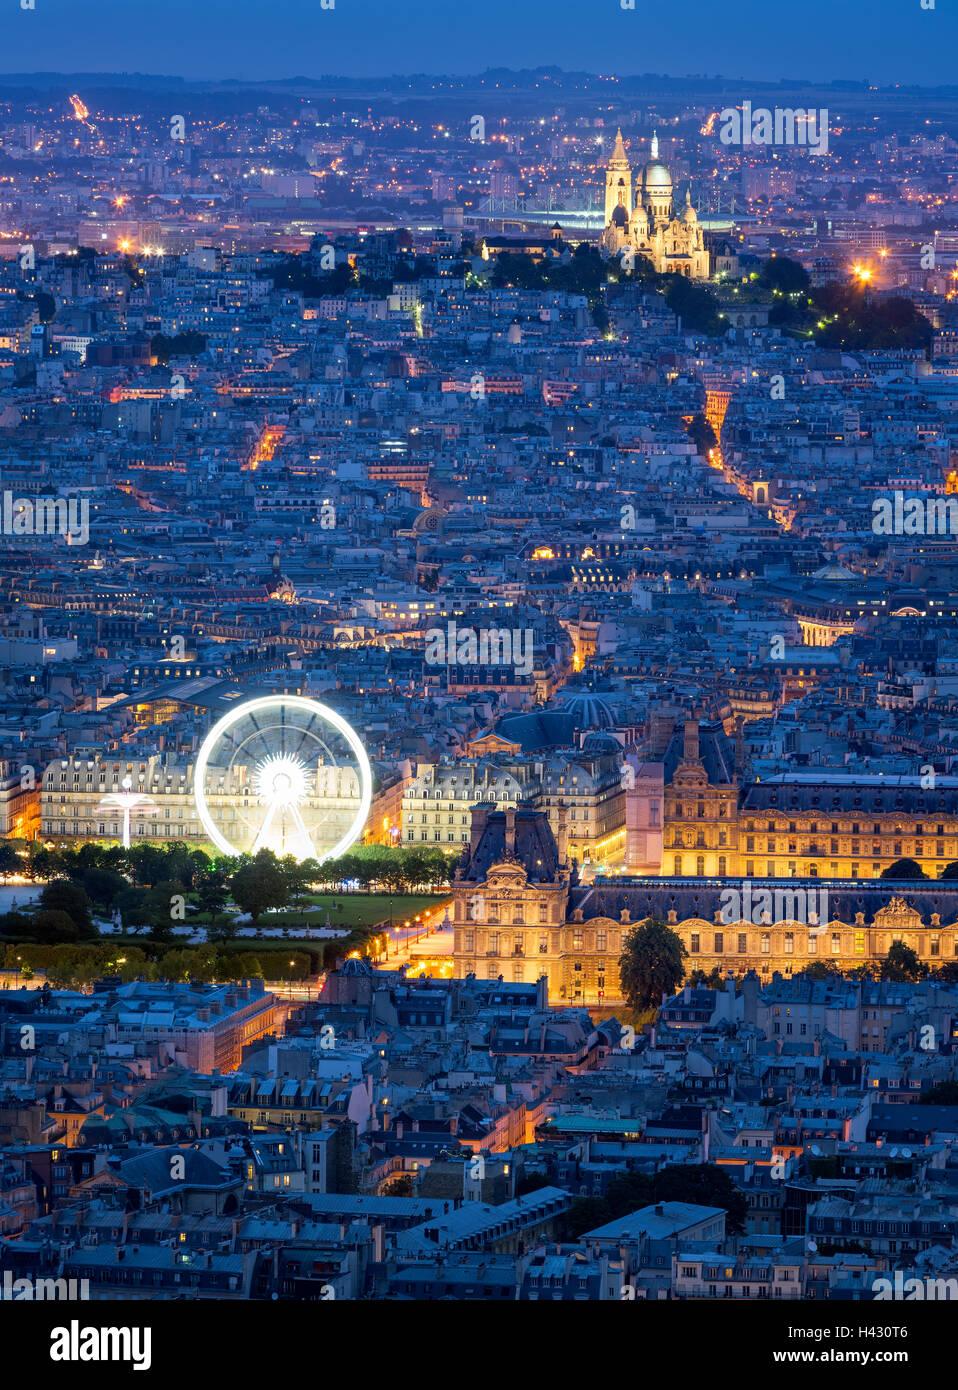 Vue aérienne de toits de Paris à la tombée de la nuit, y compris le Louvre, et le Sacré Cœur Photo Stock